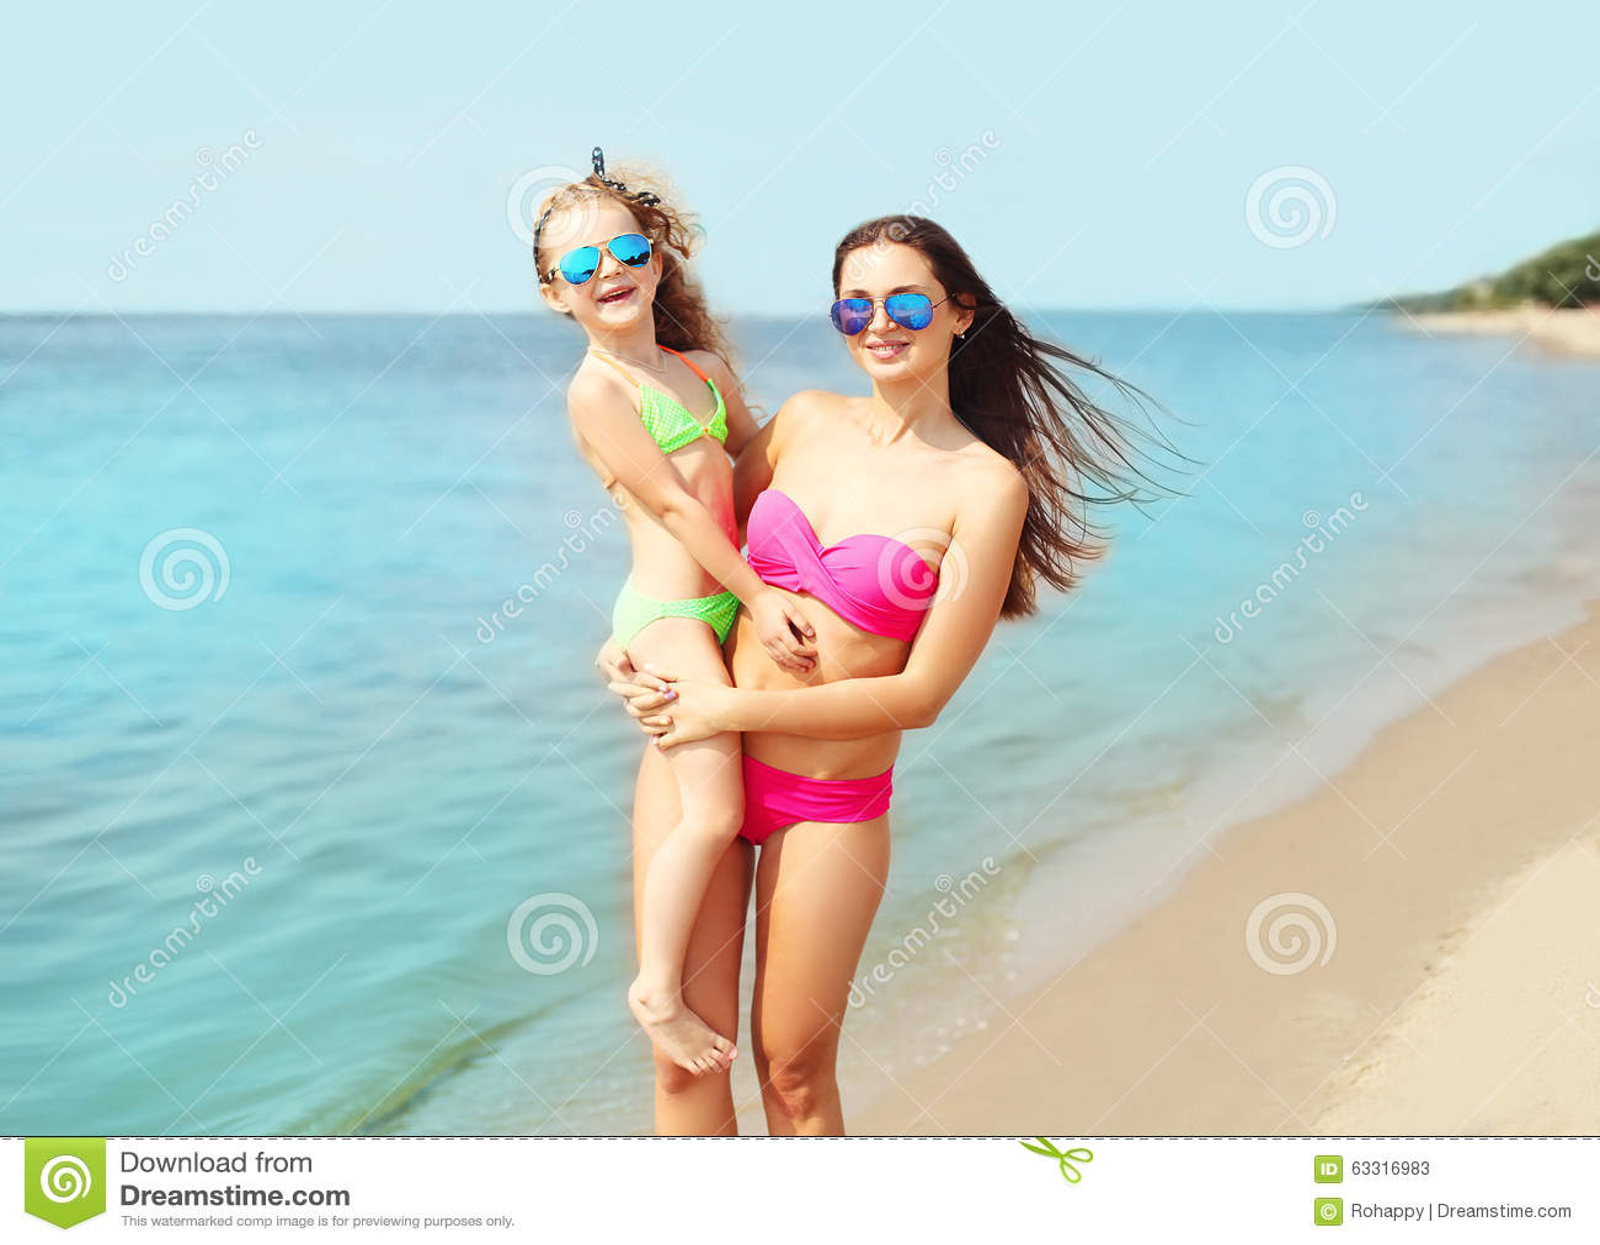 Costumi Da Bagno Per Bambino : Vacanze estive e viaggio madre e bambino felici in costume da